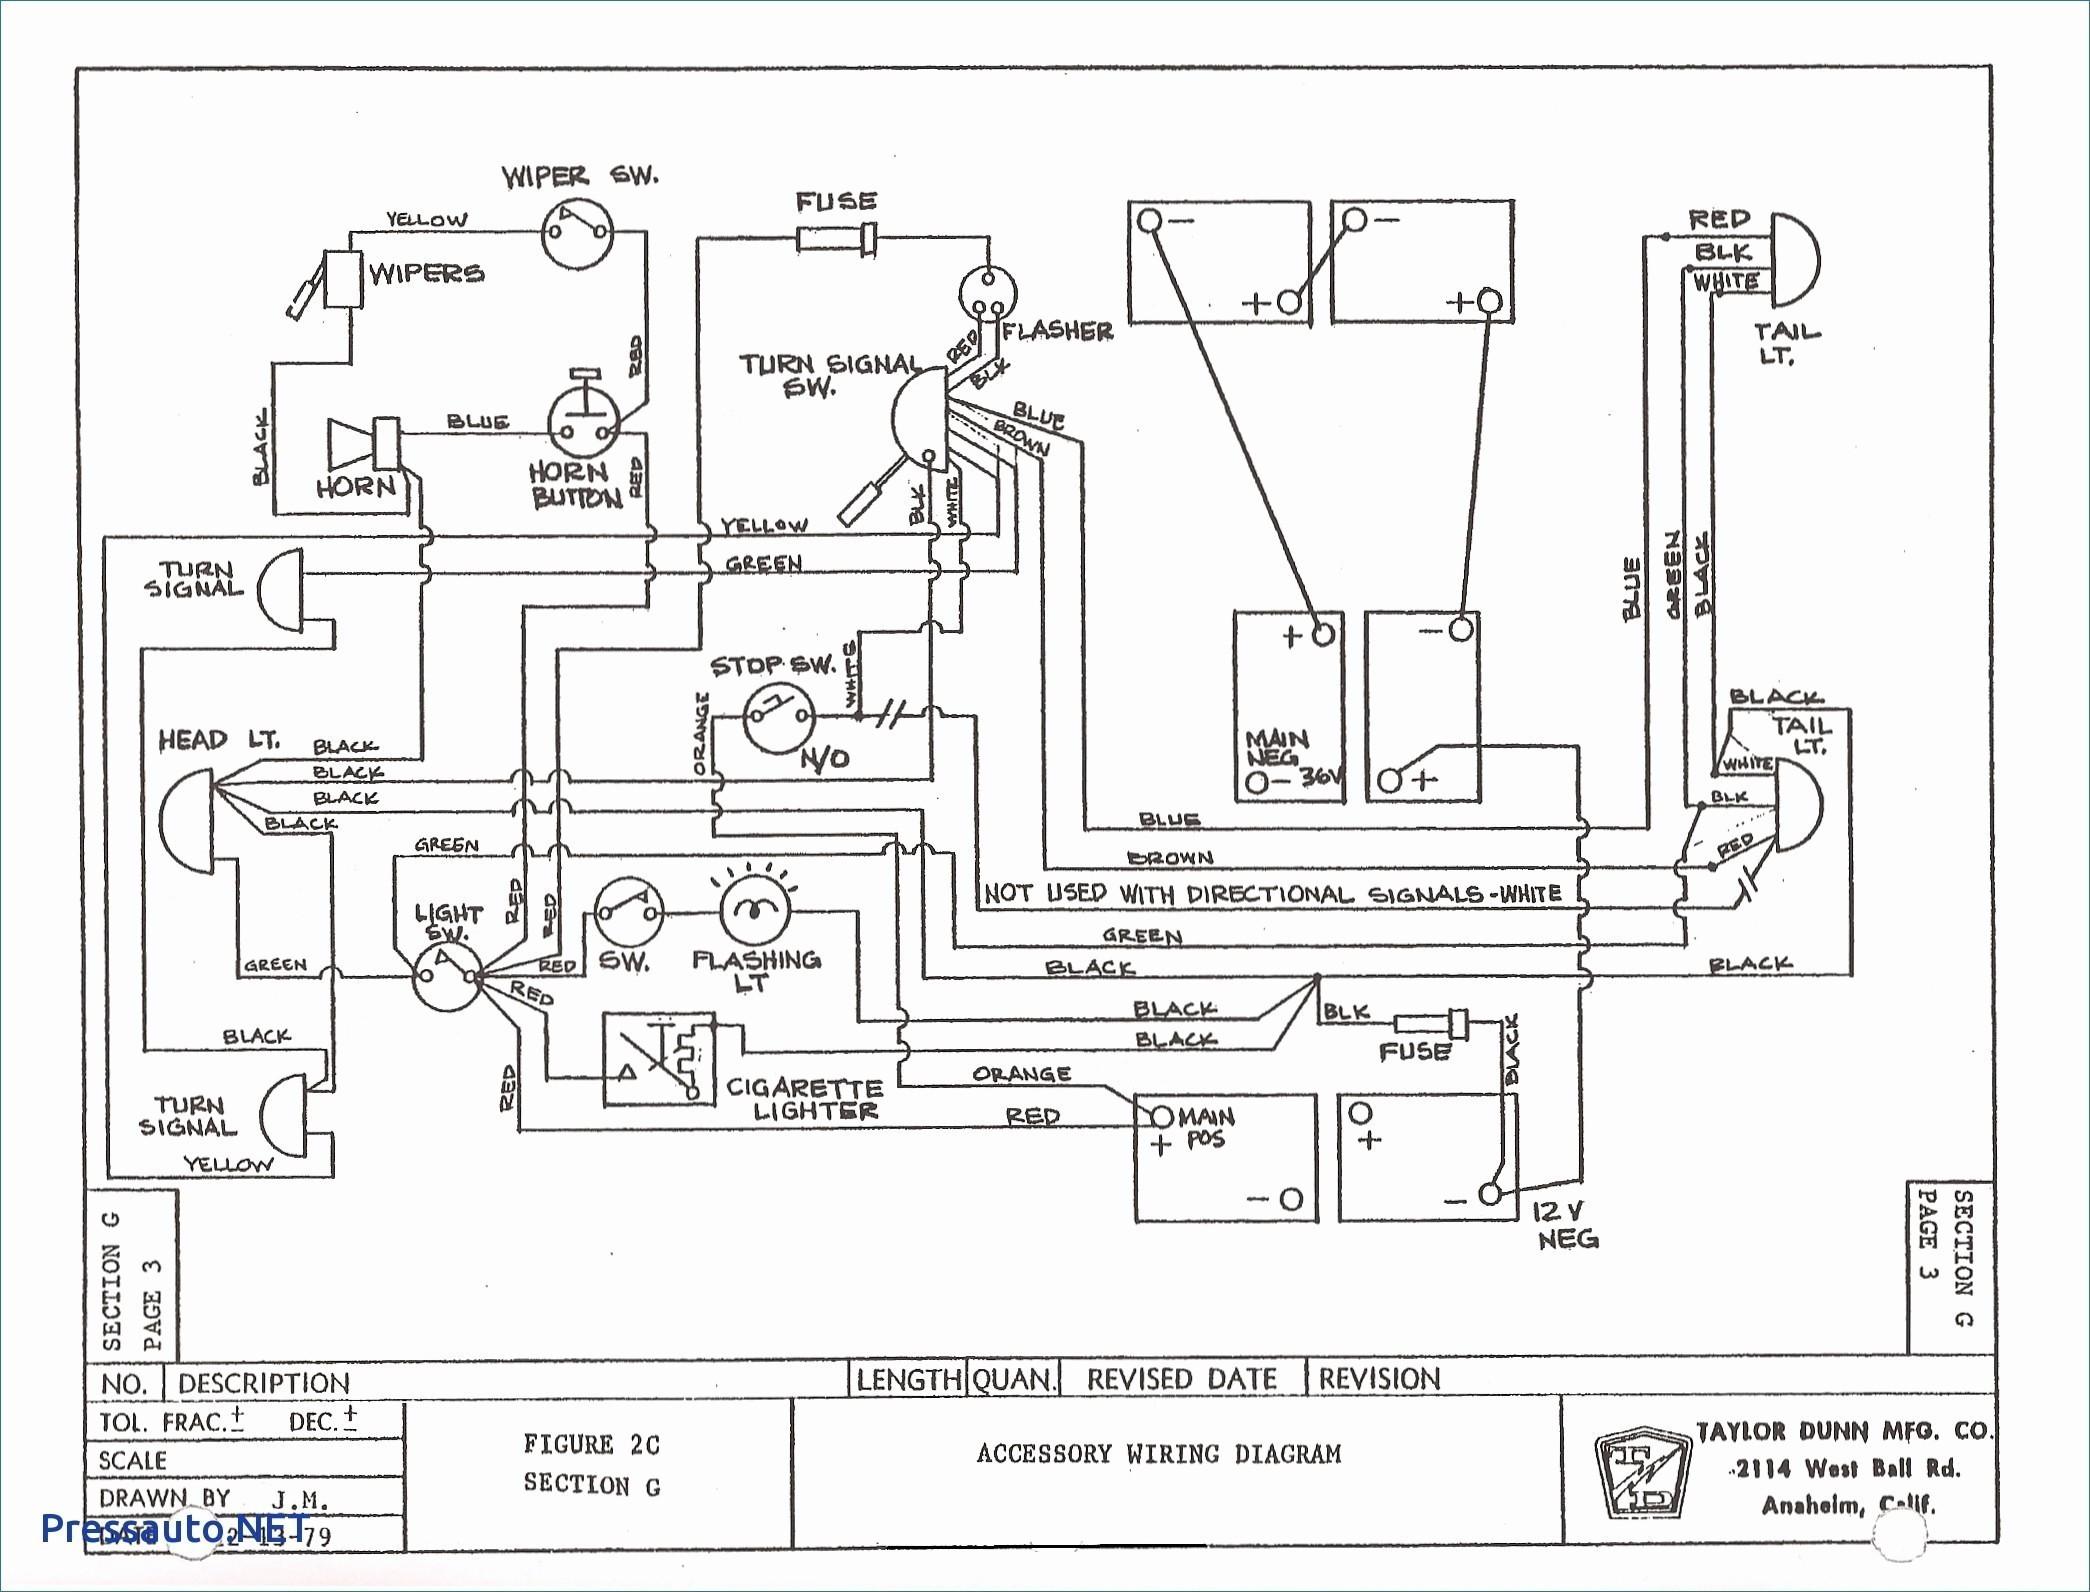 Wiring Diagram for 1986 Club Car 591 Ez Go Golf Cart Parts Diagram Of Wiring Diagram for 1986 Club Car